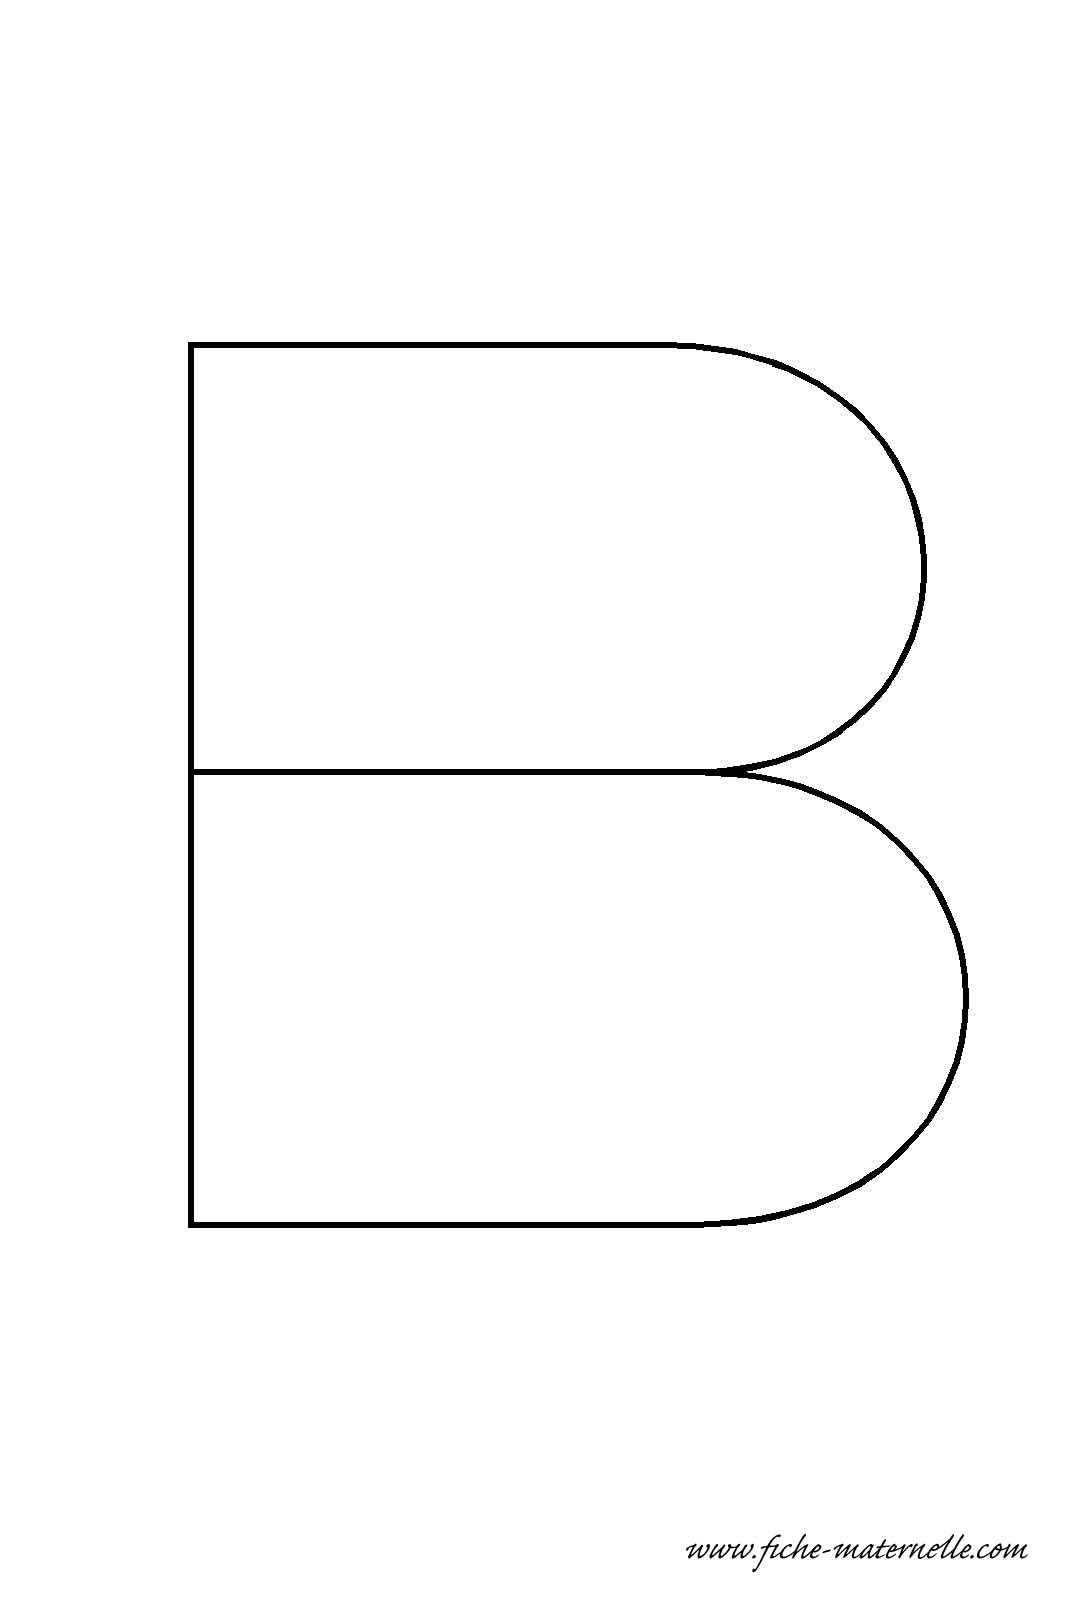 Lettre de l 39 alphabet d corer la lettre capitale b fil de fer - Lettres de l alphabet a decorer ...